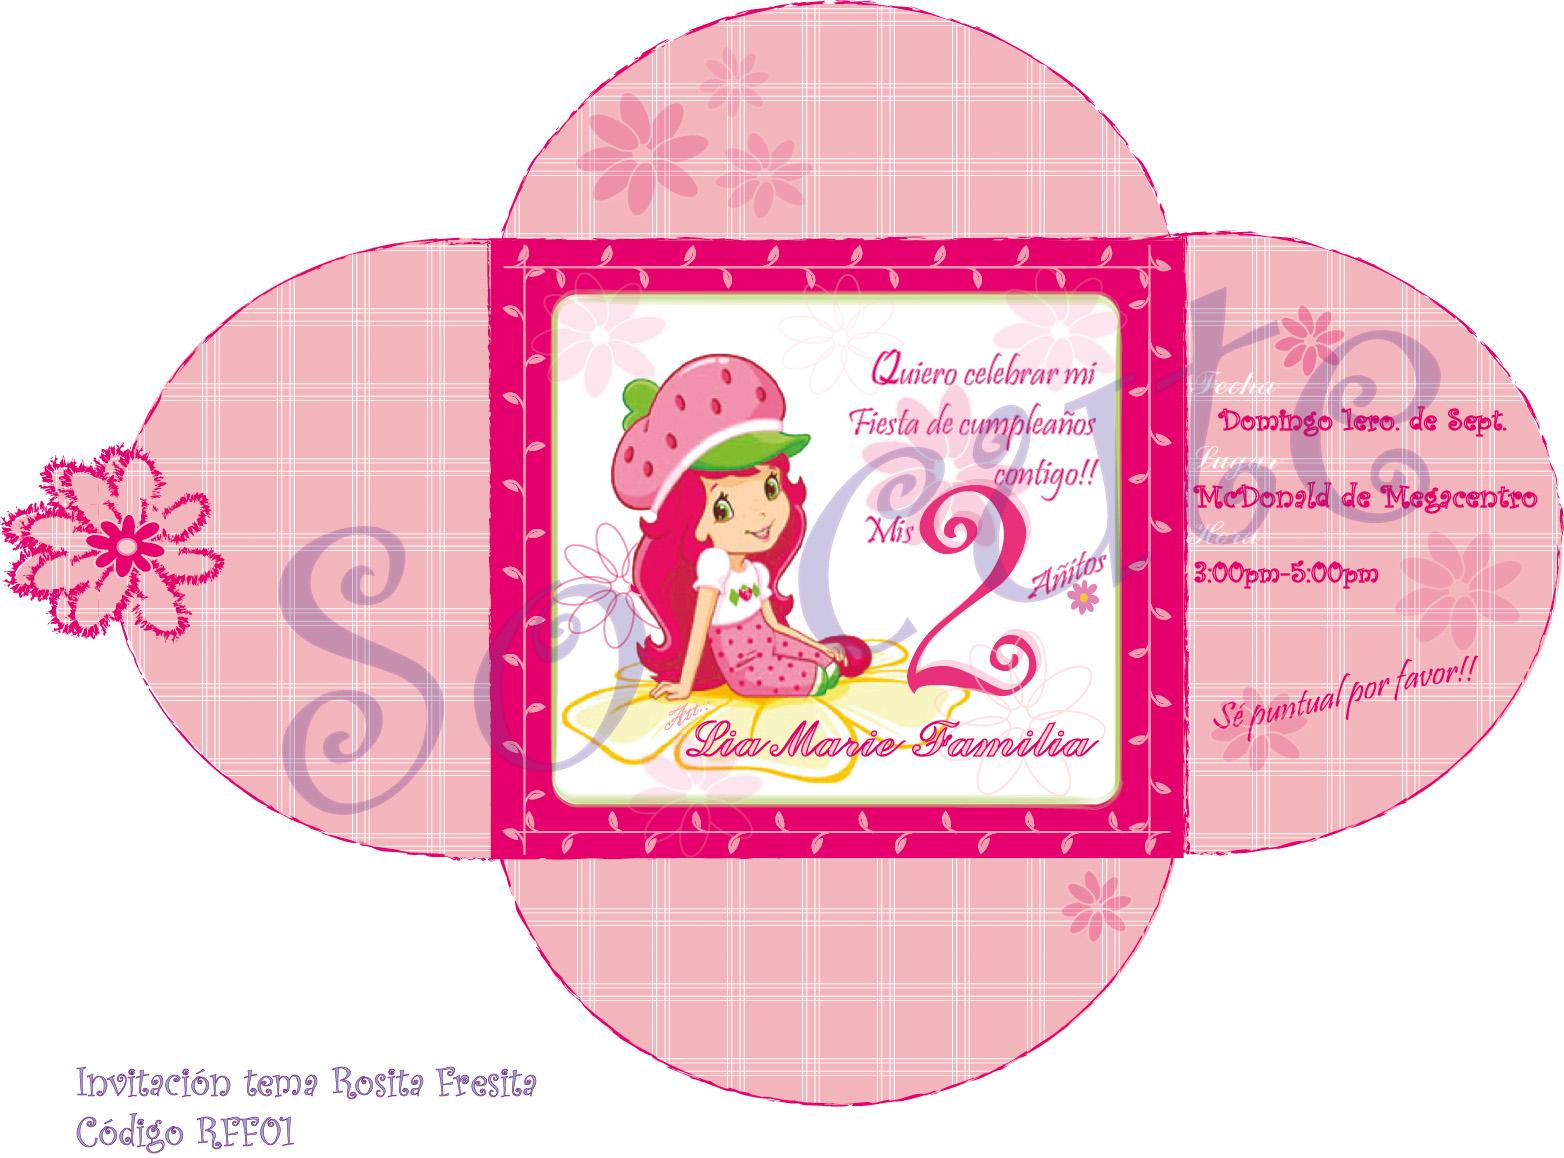 ... Cute•?• tarjetería personalizada: Invitación Rosita Fresita